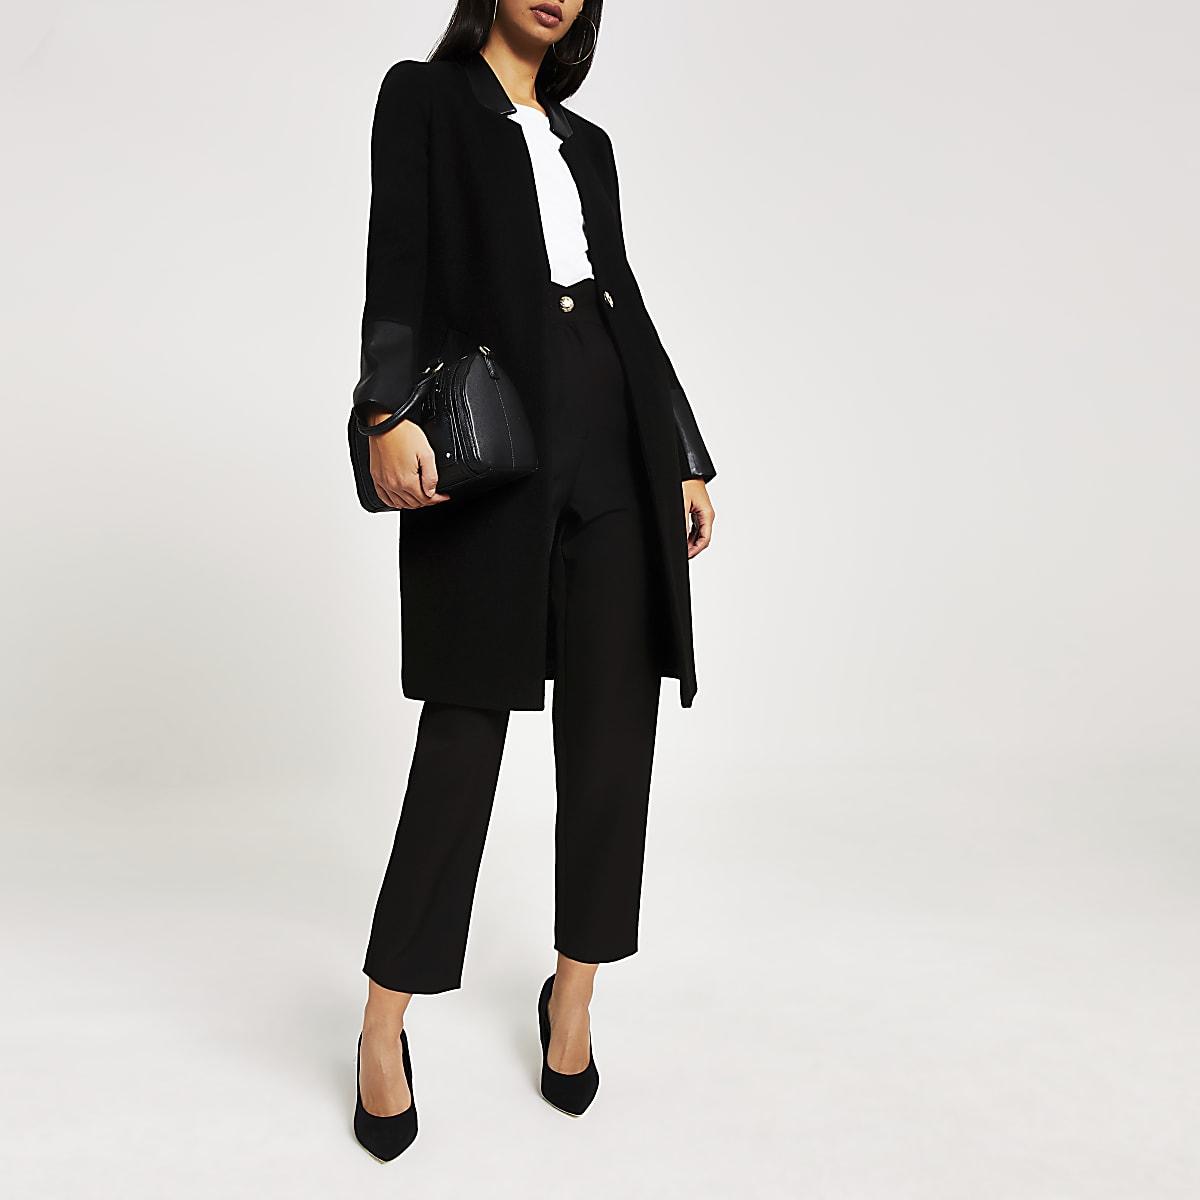 Zwarte jas van PU met enkele knopenrij en panelen